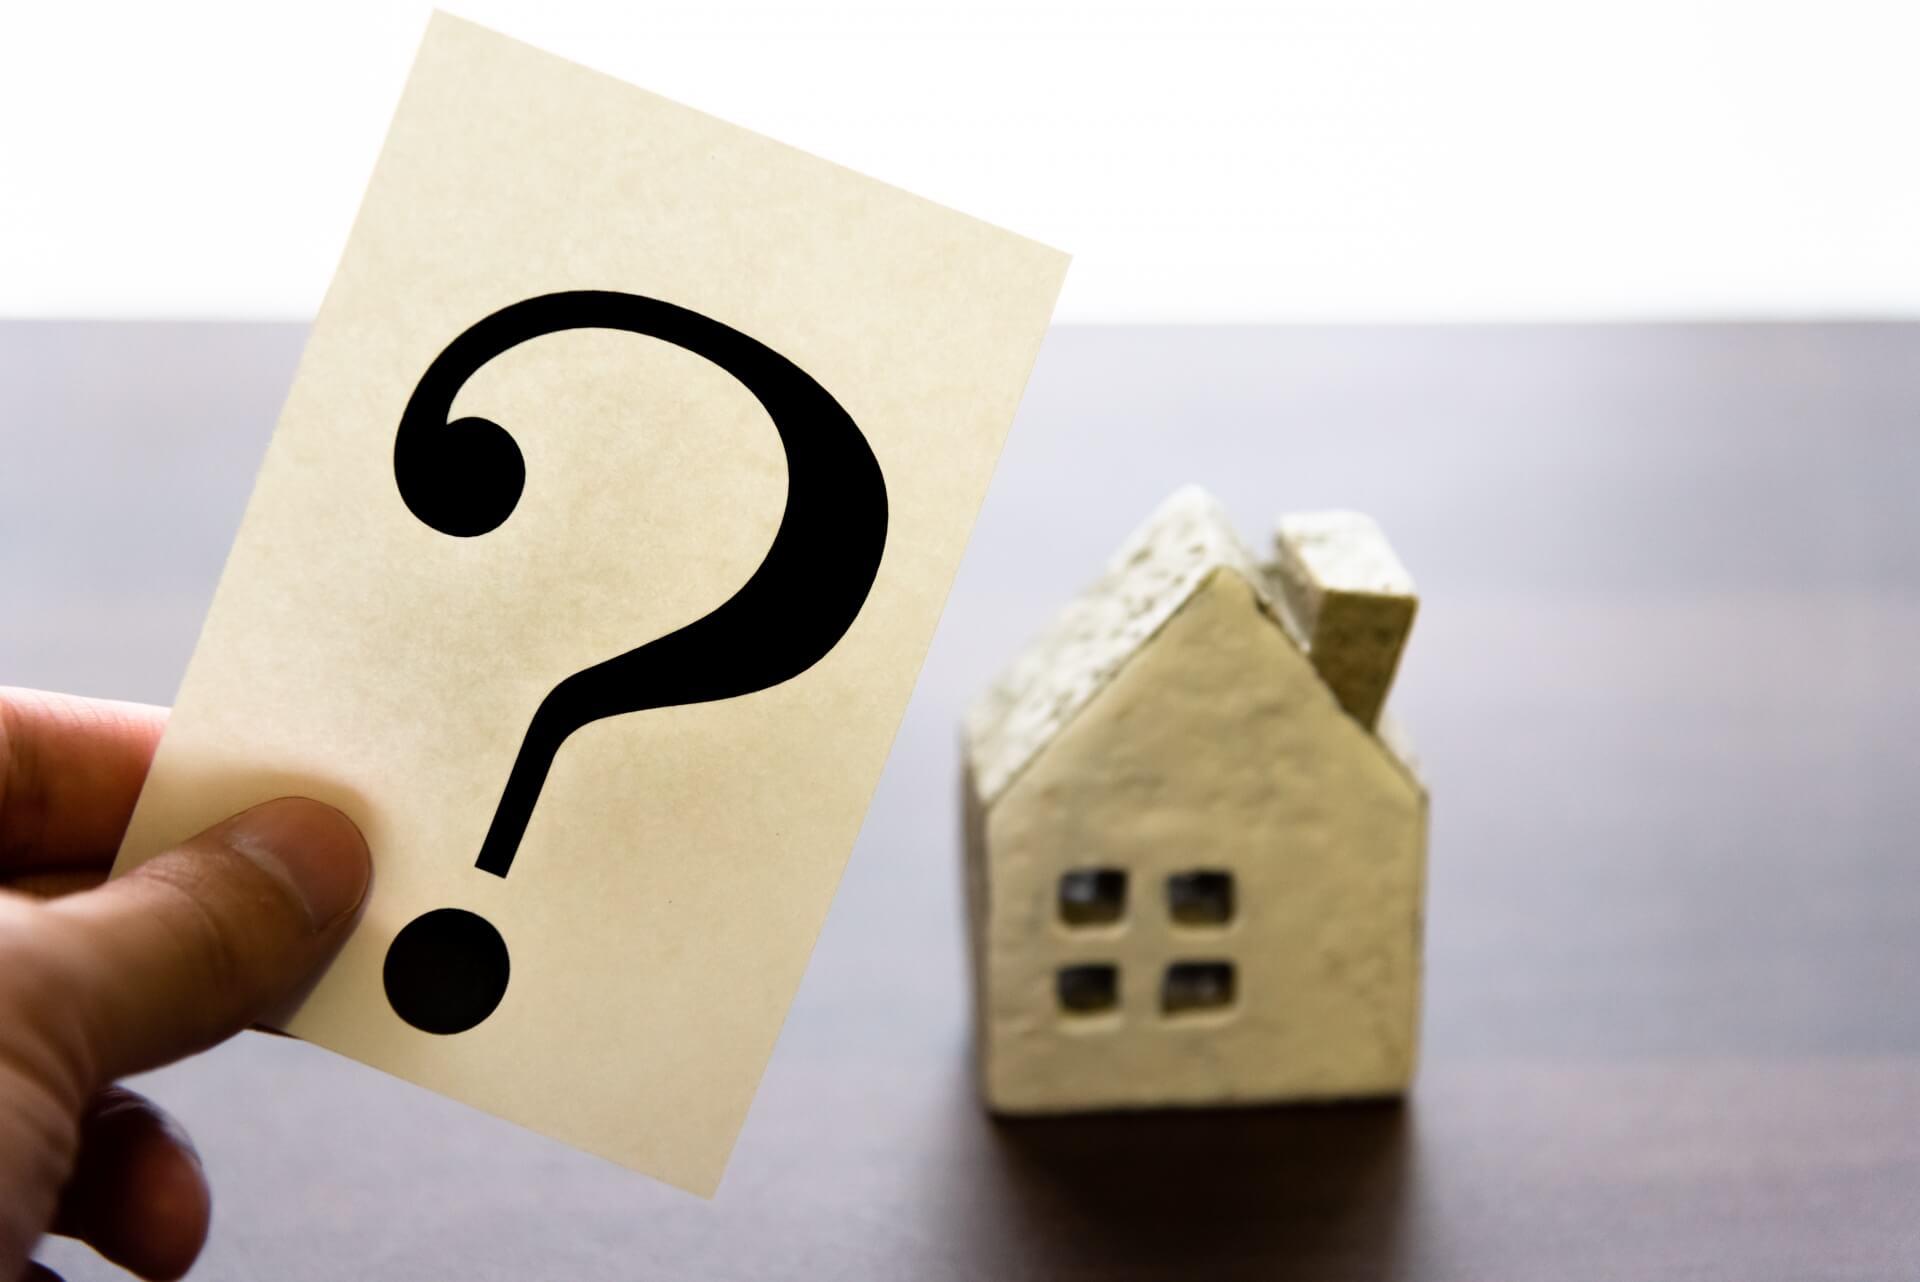 マンション経営のリスクが不安ならアパート経営もおすすめ